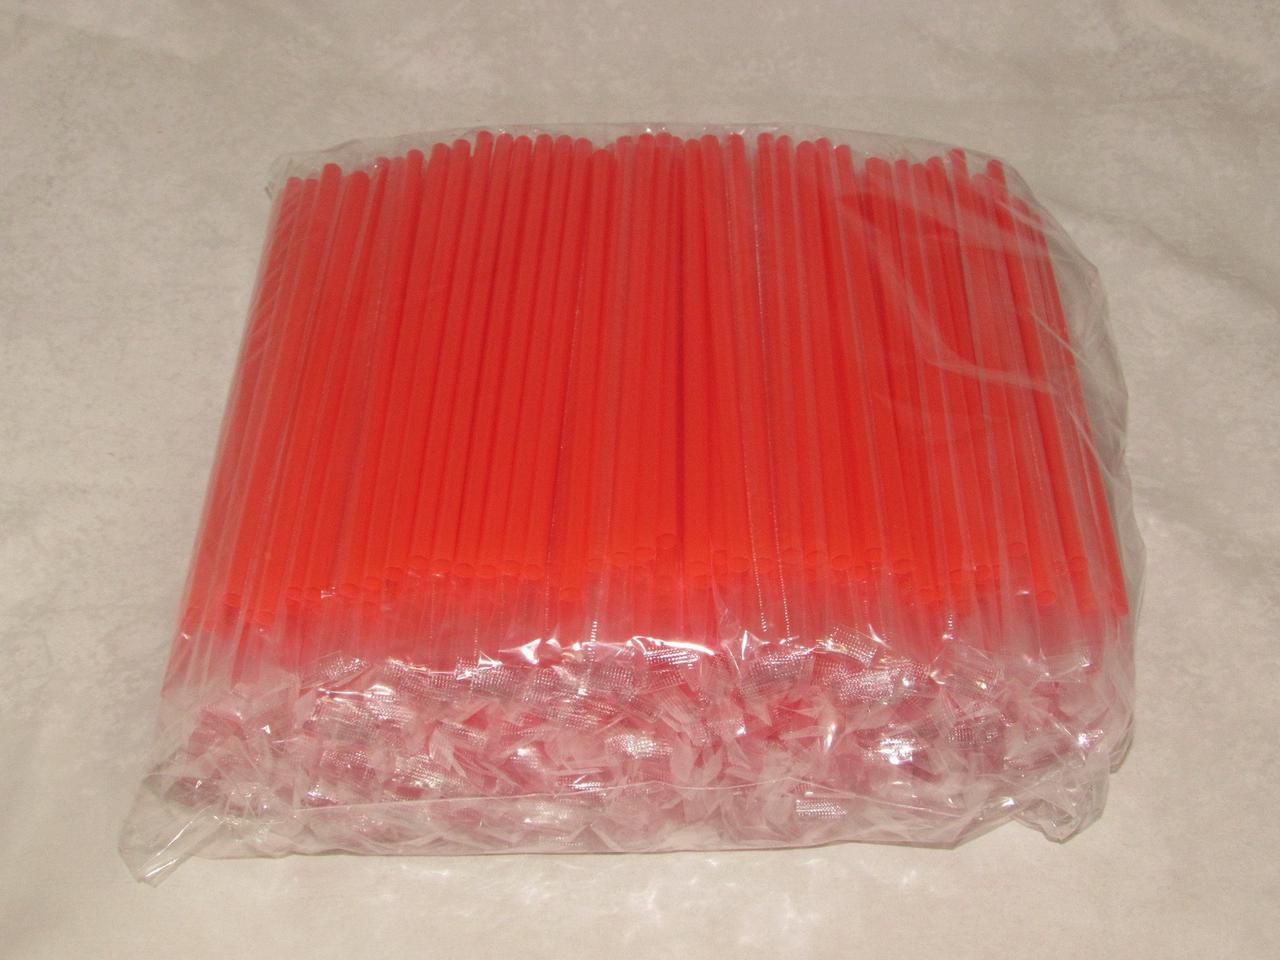 Трубочки д/коктейля прямые в инд. упаковке, d 8мм, 200мм, красные, ПП, 500 шт